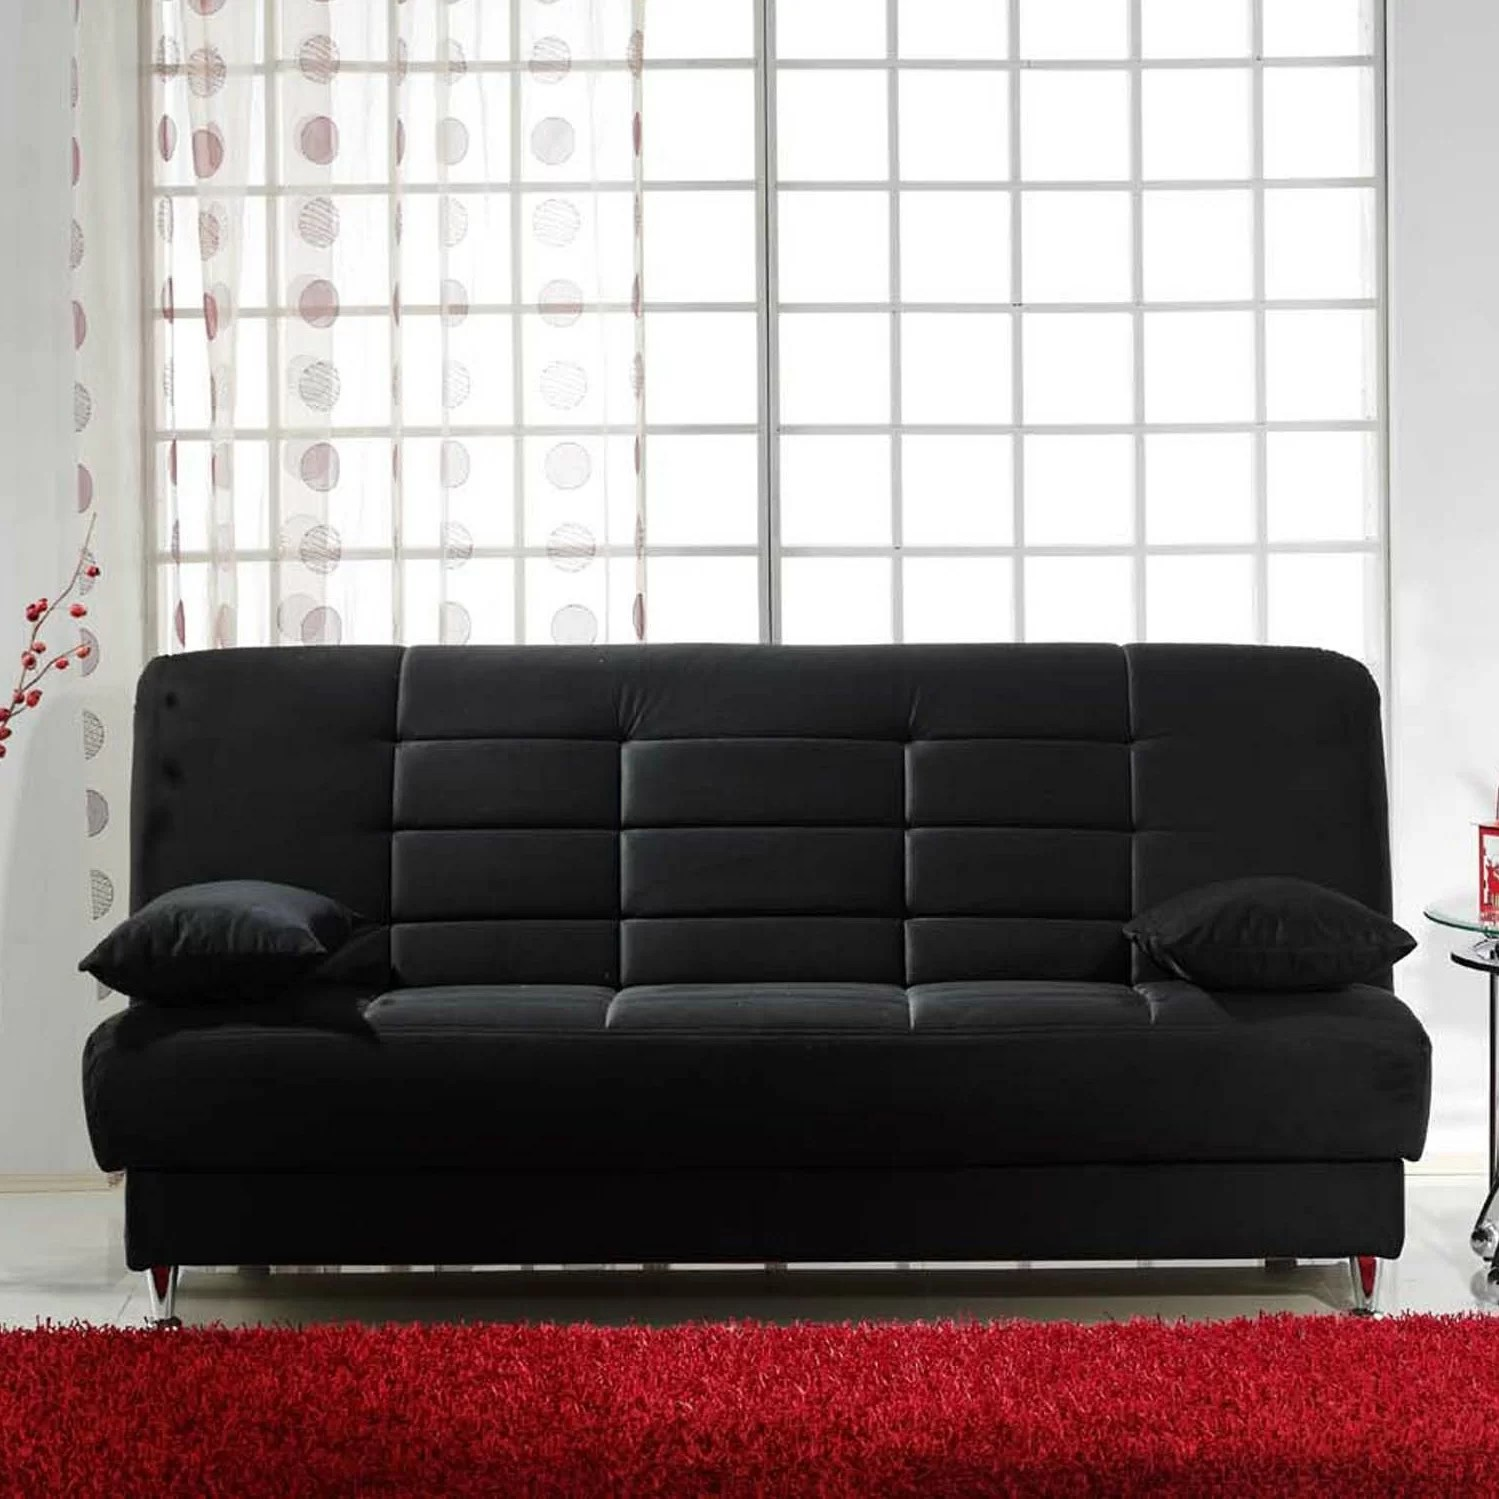 Sofa Covers For Leather Sofa India